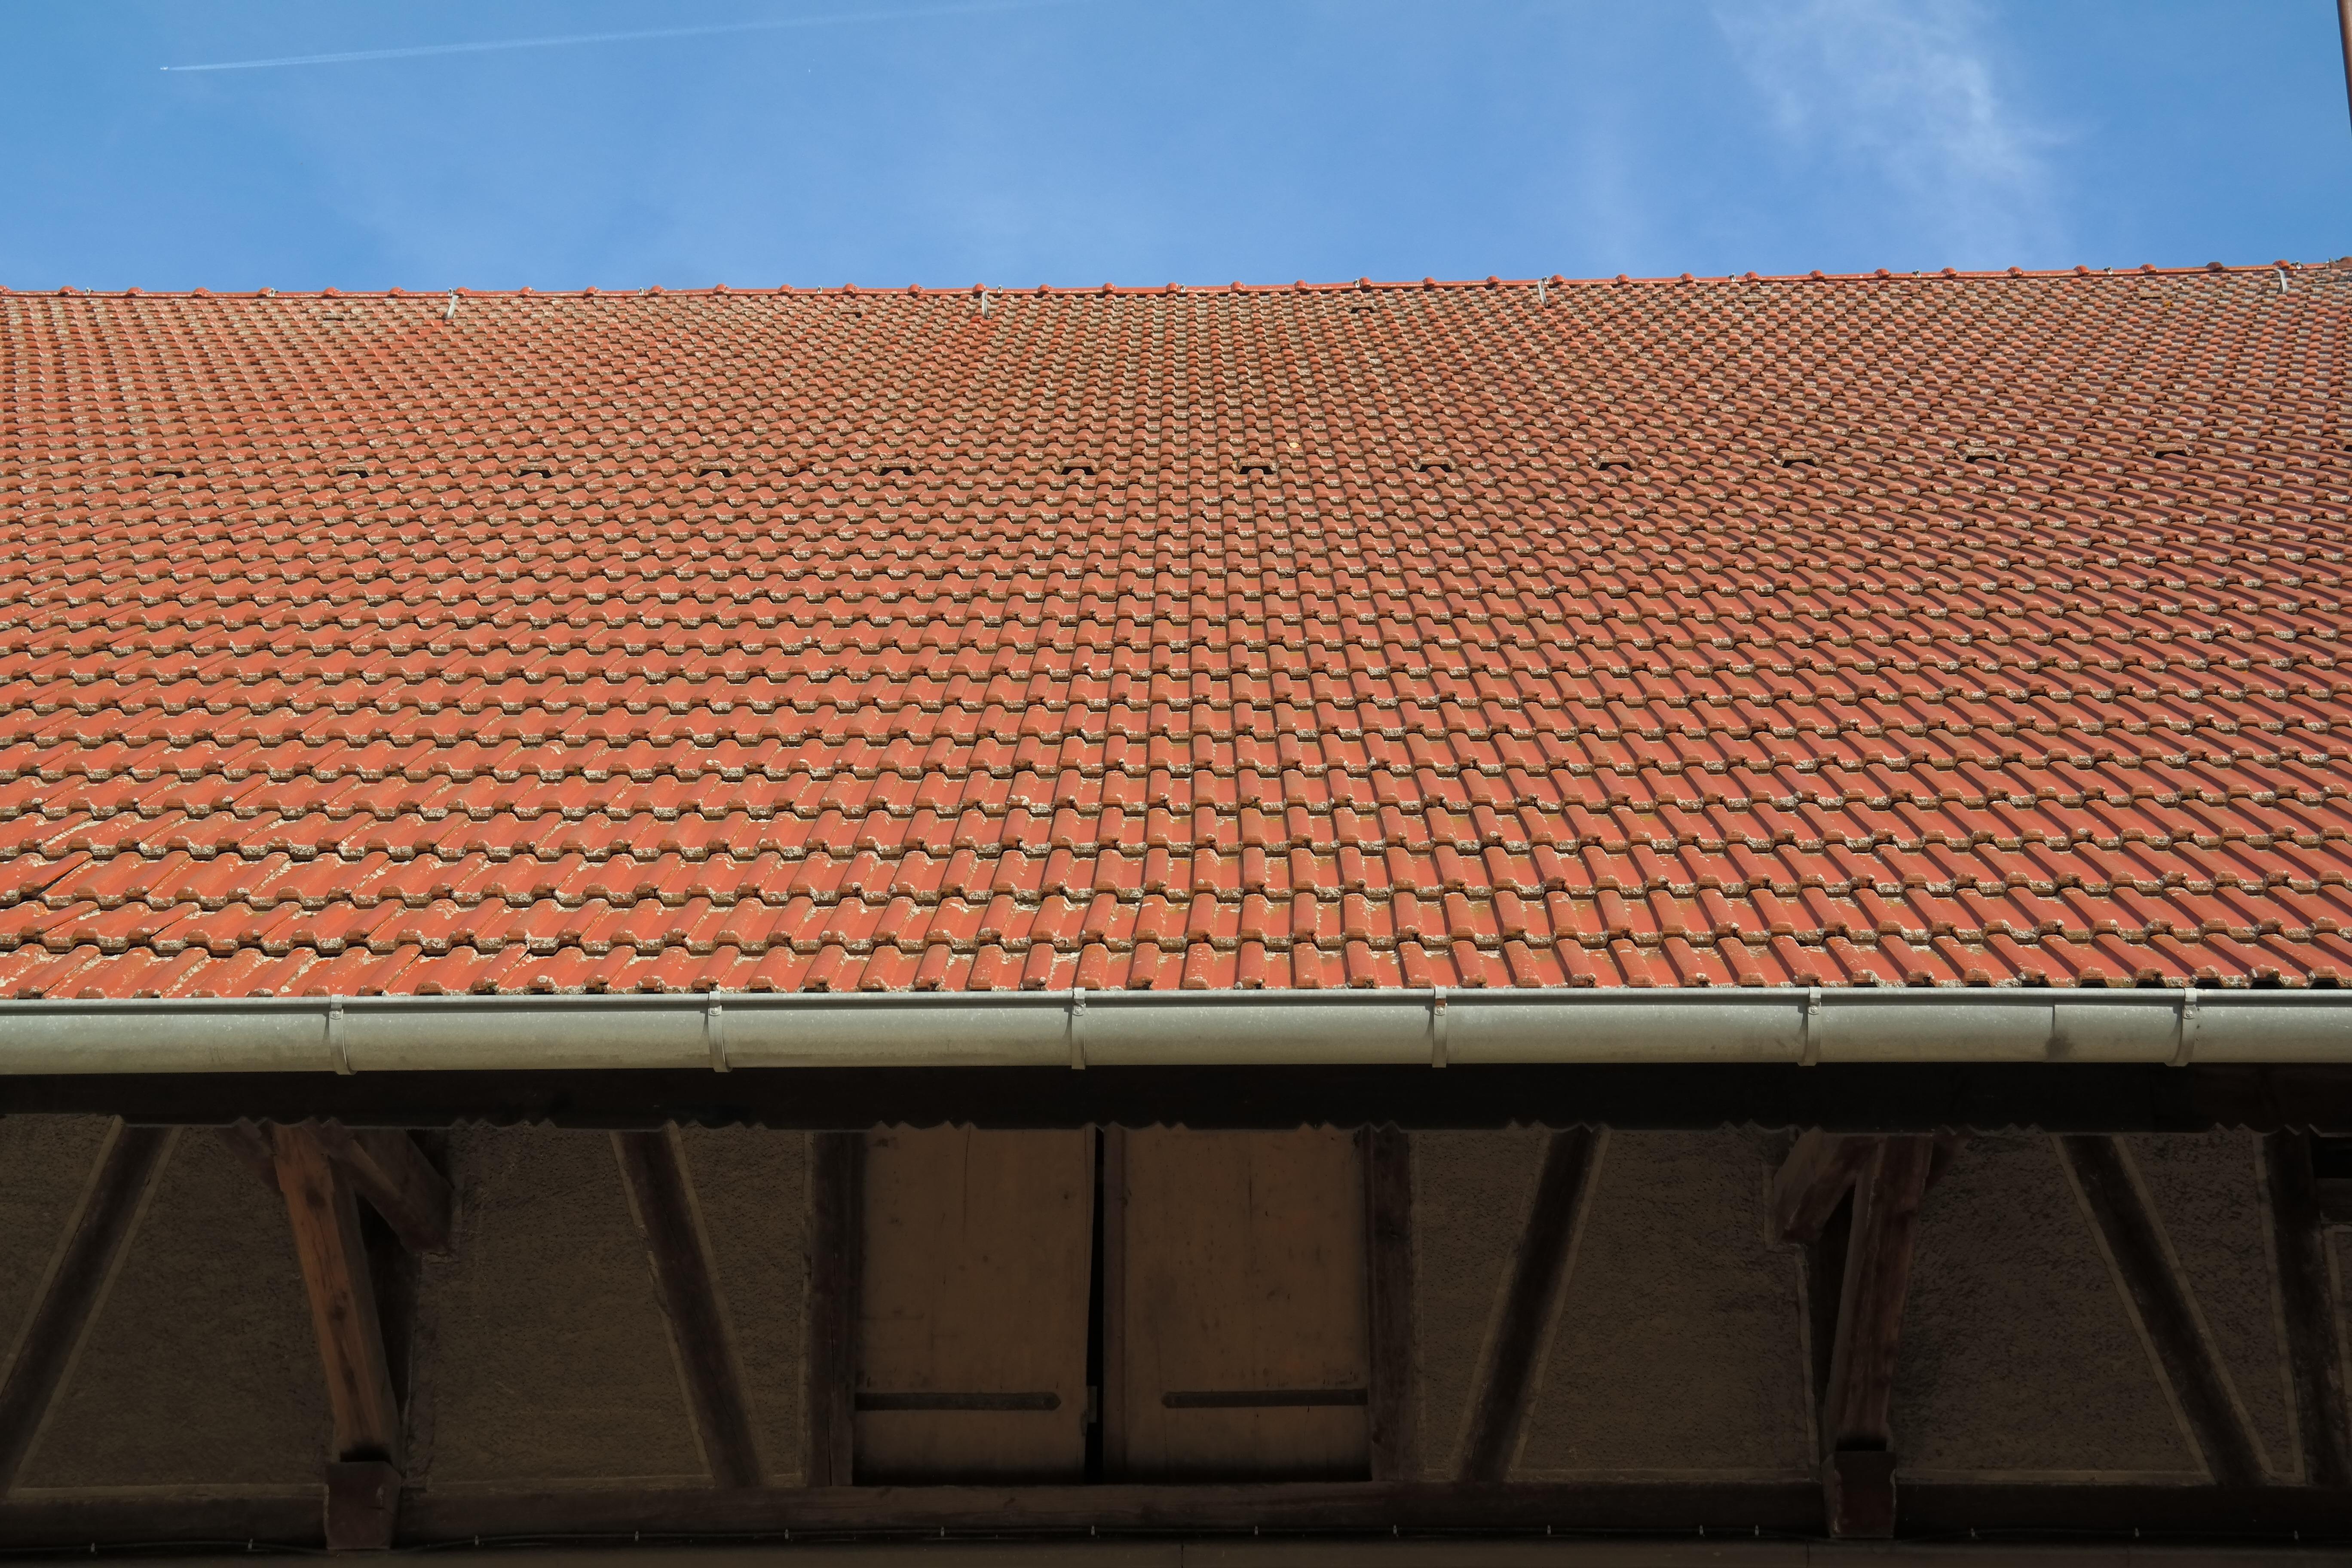 images gratuites architecture structure bois toit b timent grange mur ligne fa ade. Black Bedroom Furniture Sets. Home Design Ideas